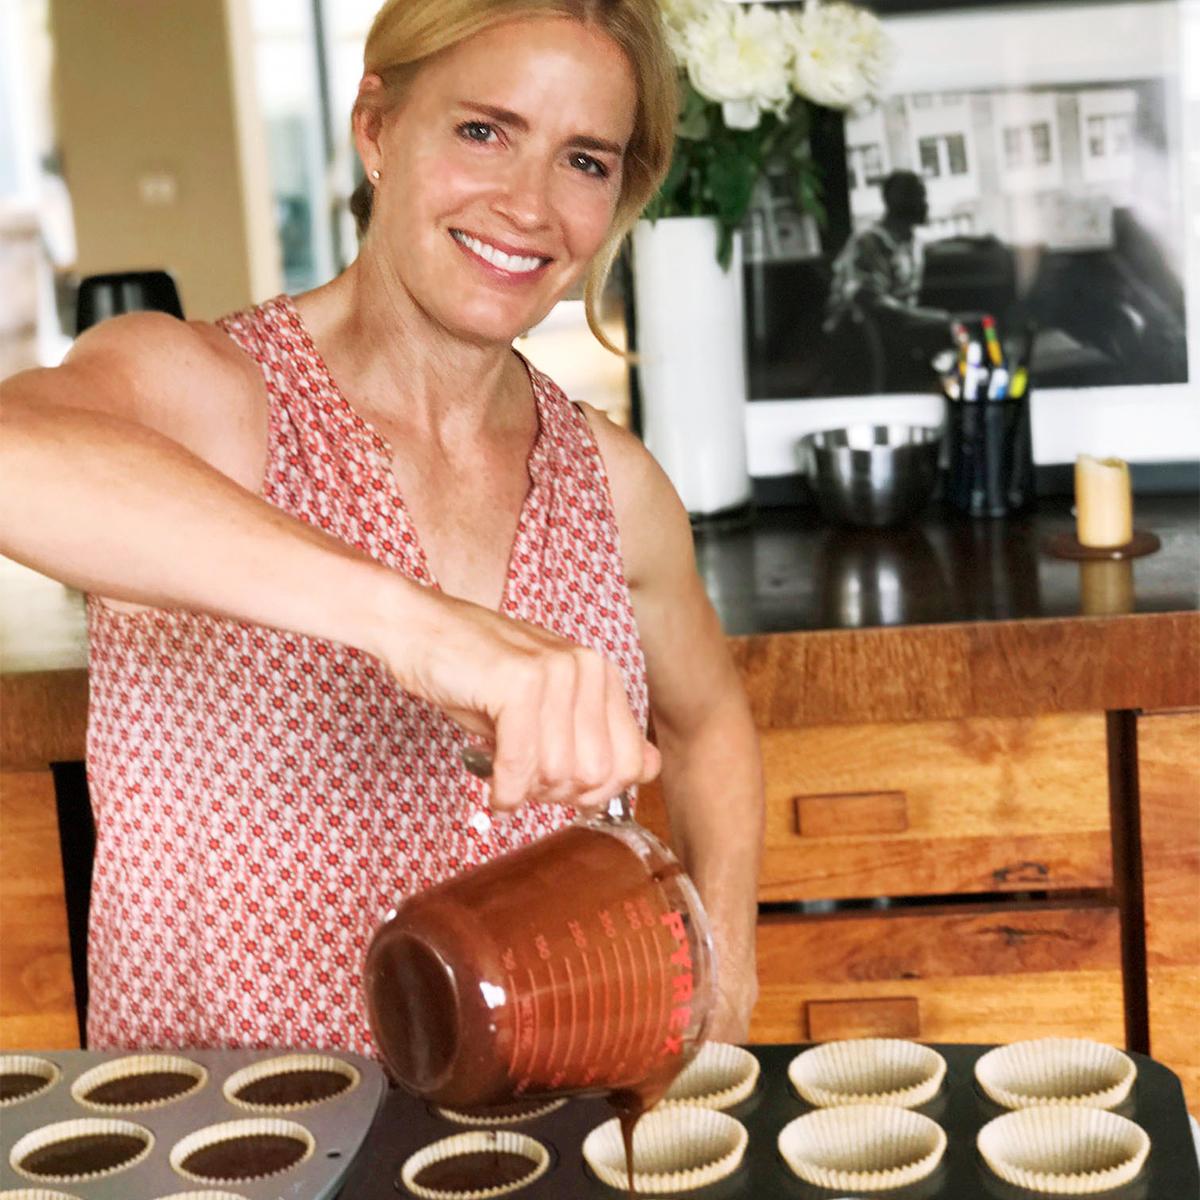 elisabeth shue pouring cupcake batter